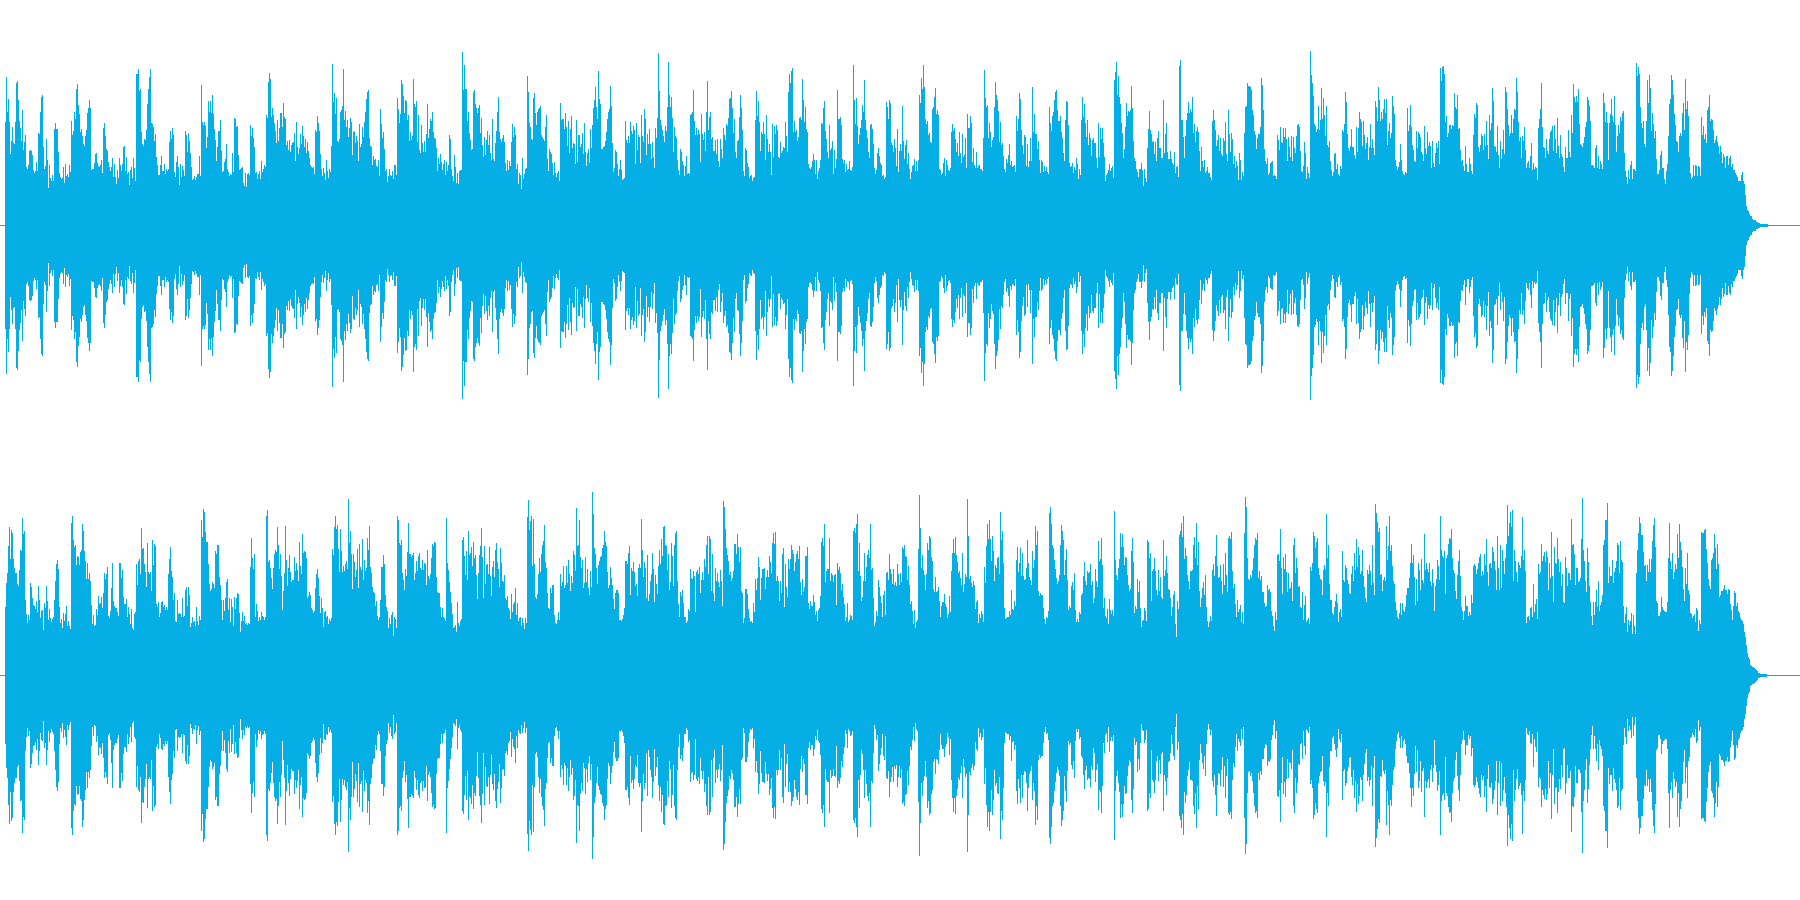 大らかで神秘的なSFテクノサウンドの再生済みの波形